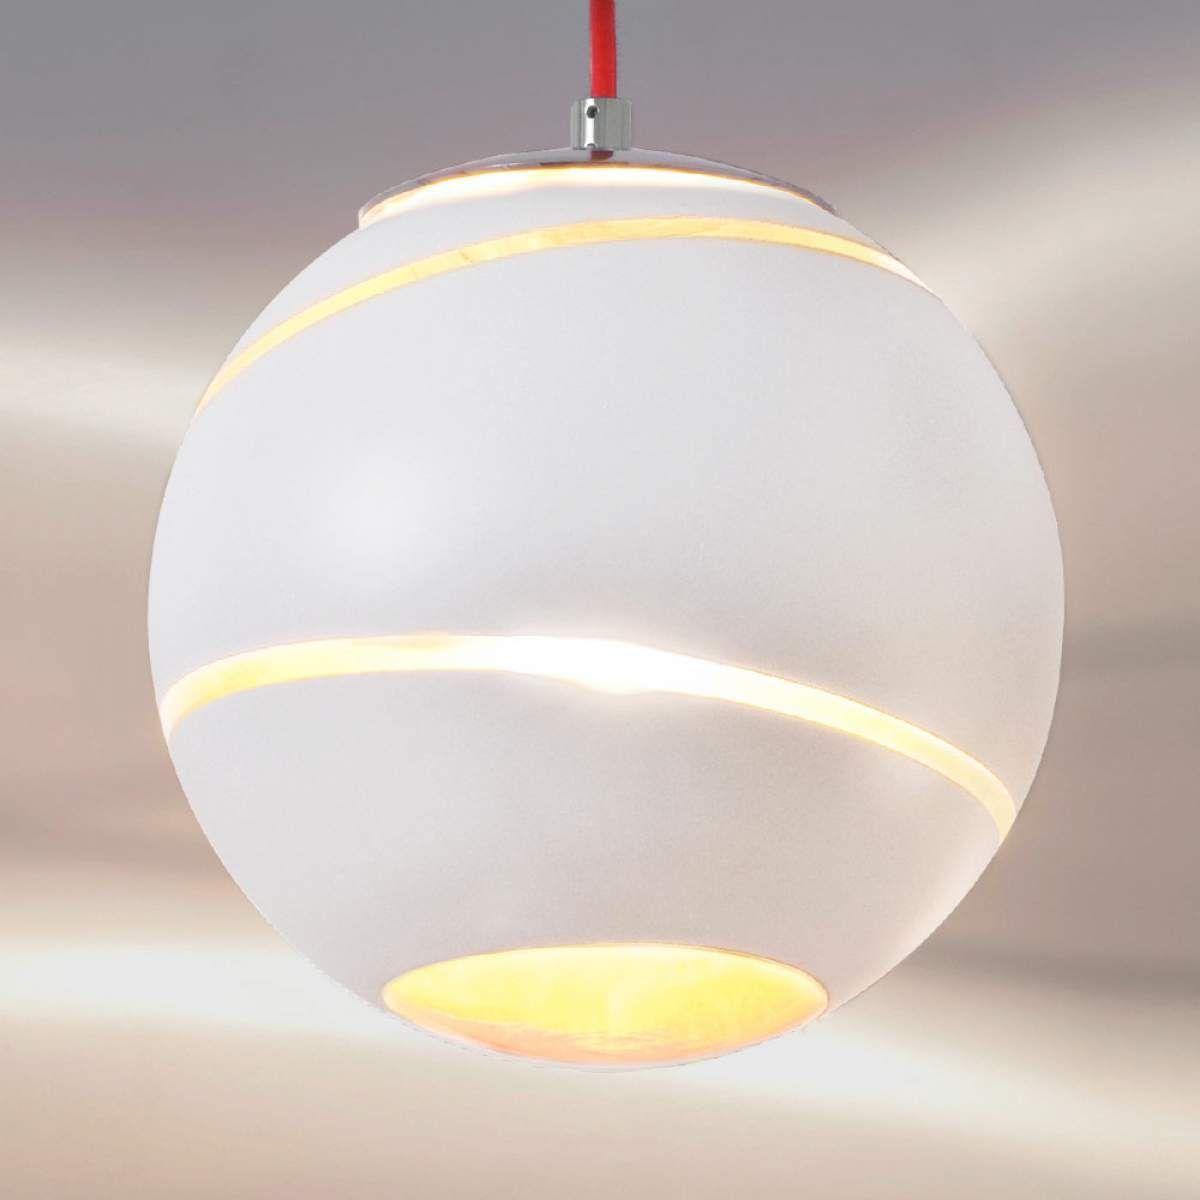 Petite Suspension Bond Blanche 12 Cm Avec Images Lampe Salon